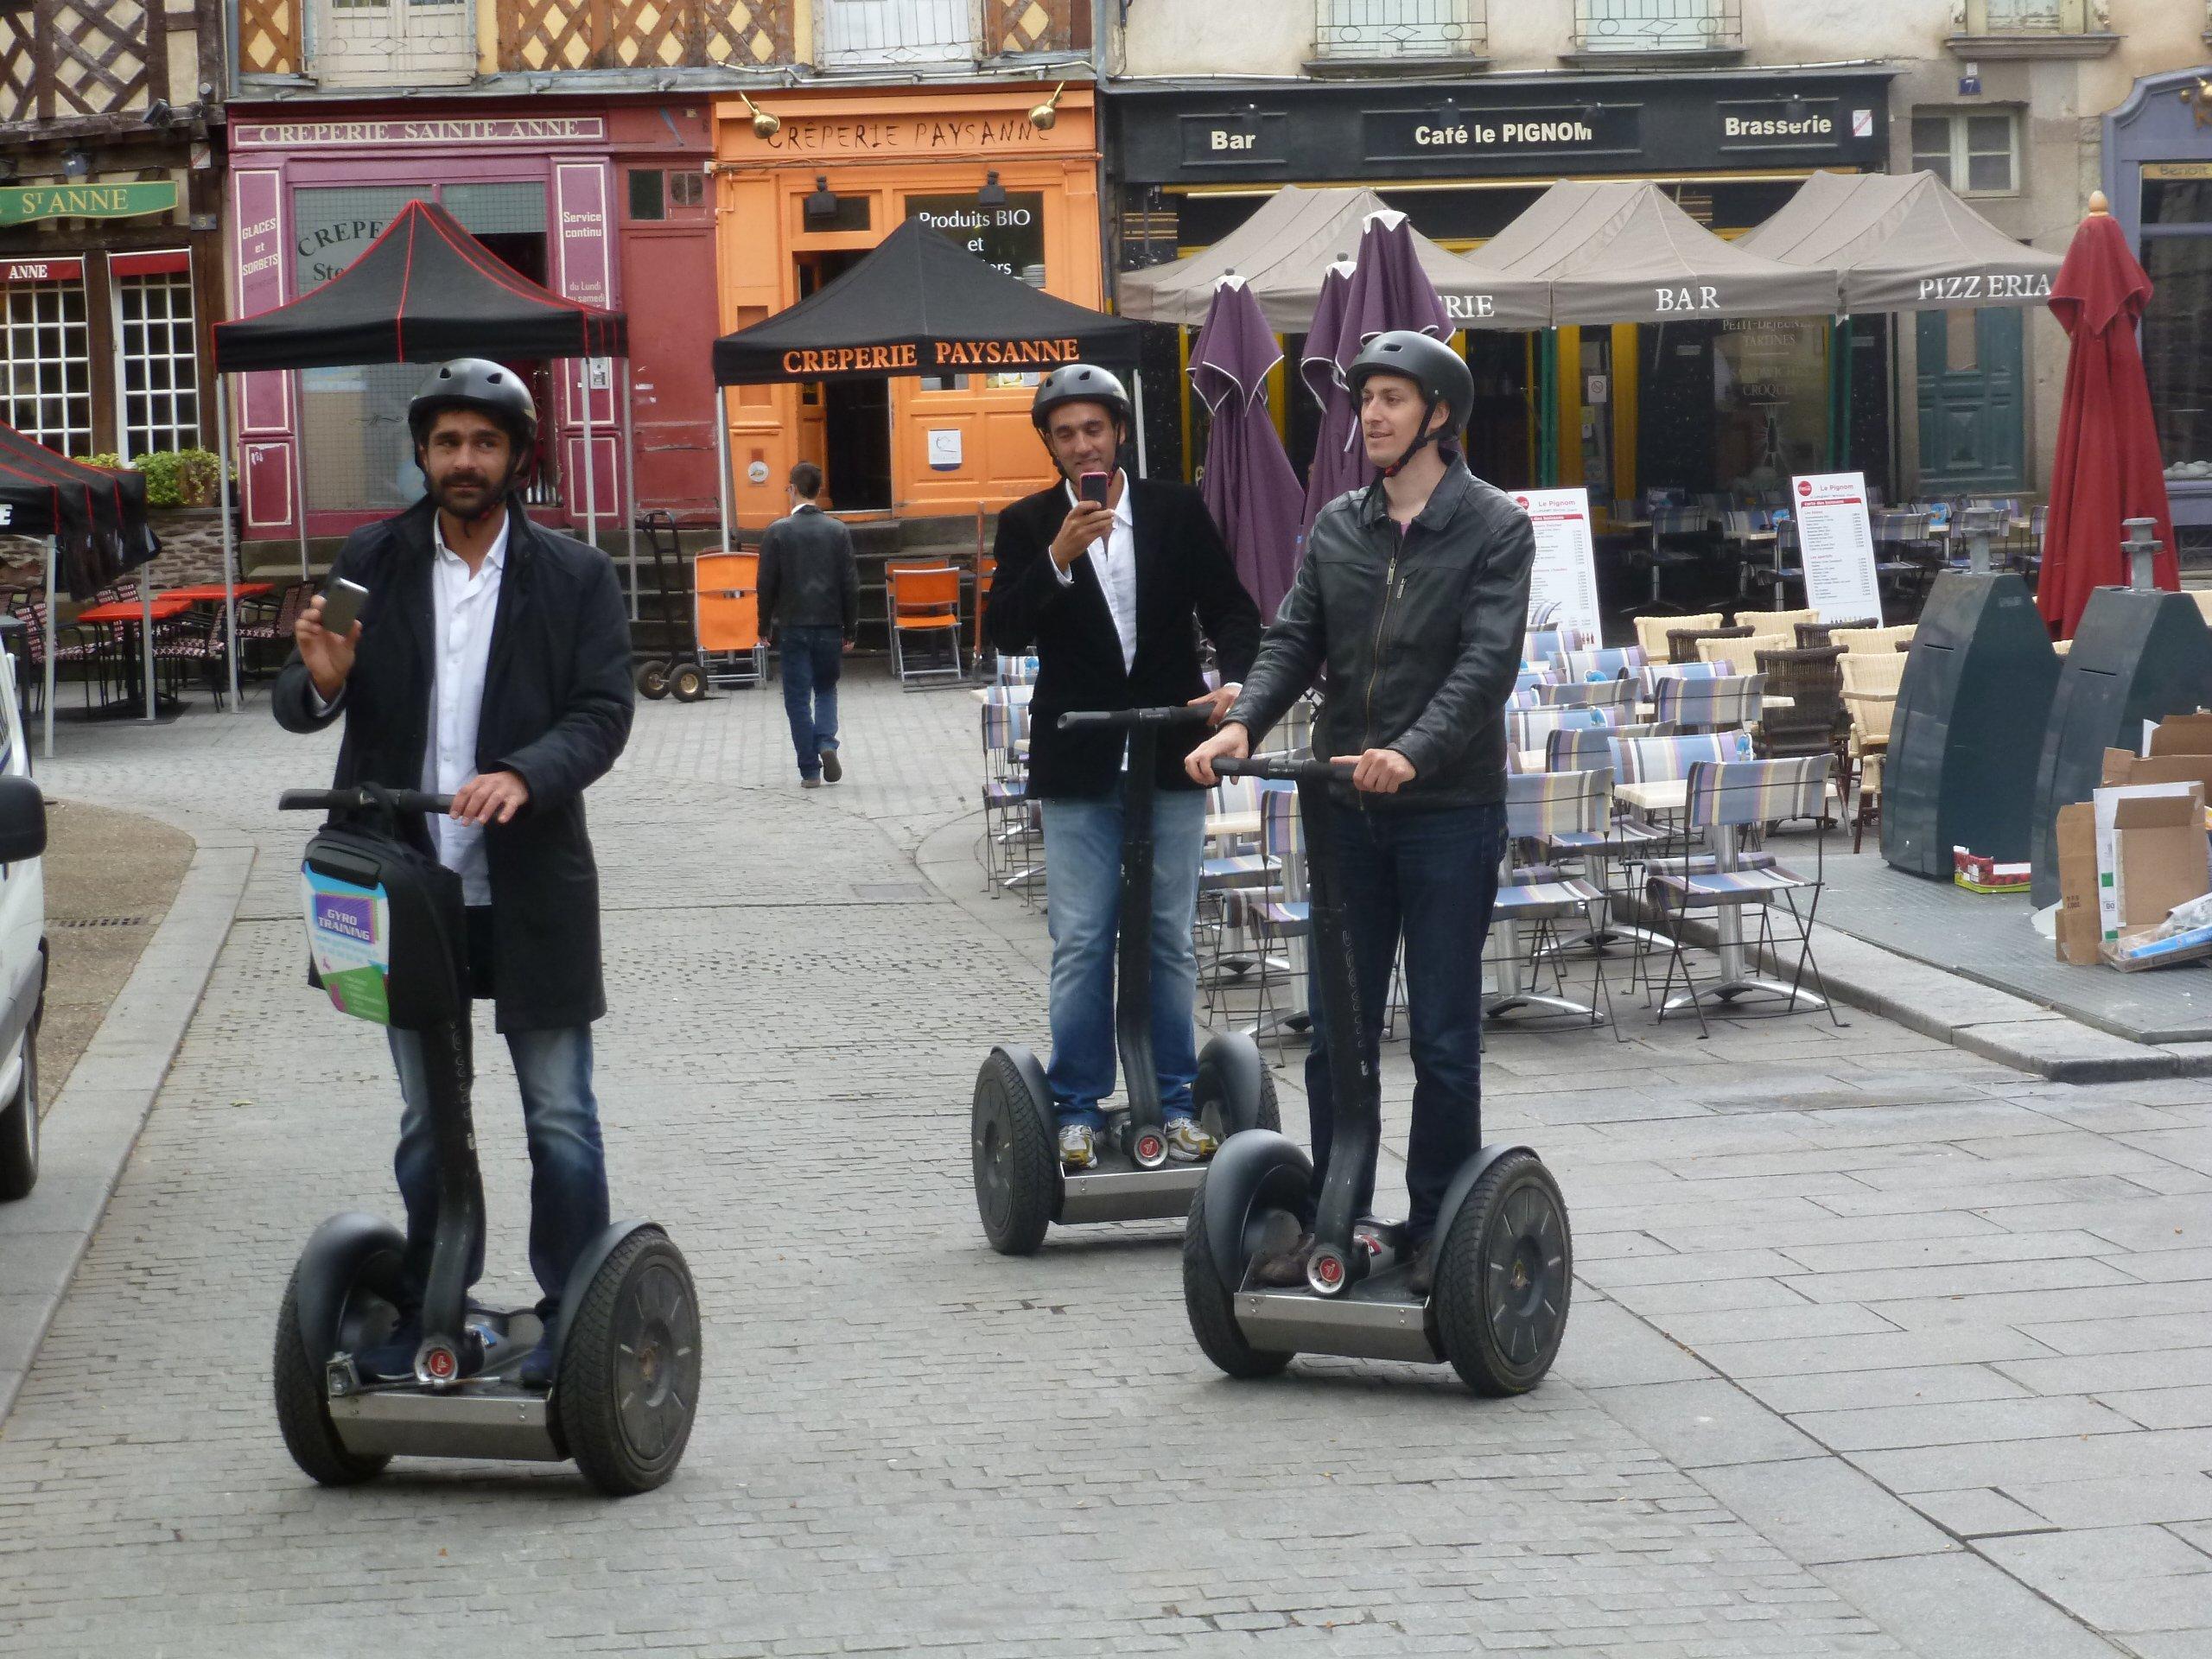 Rennes en gyropode: une façon insolite de découvrir la ville